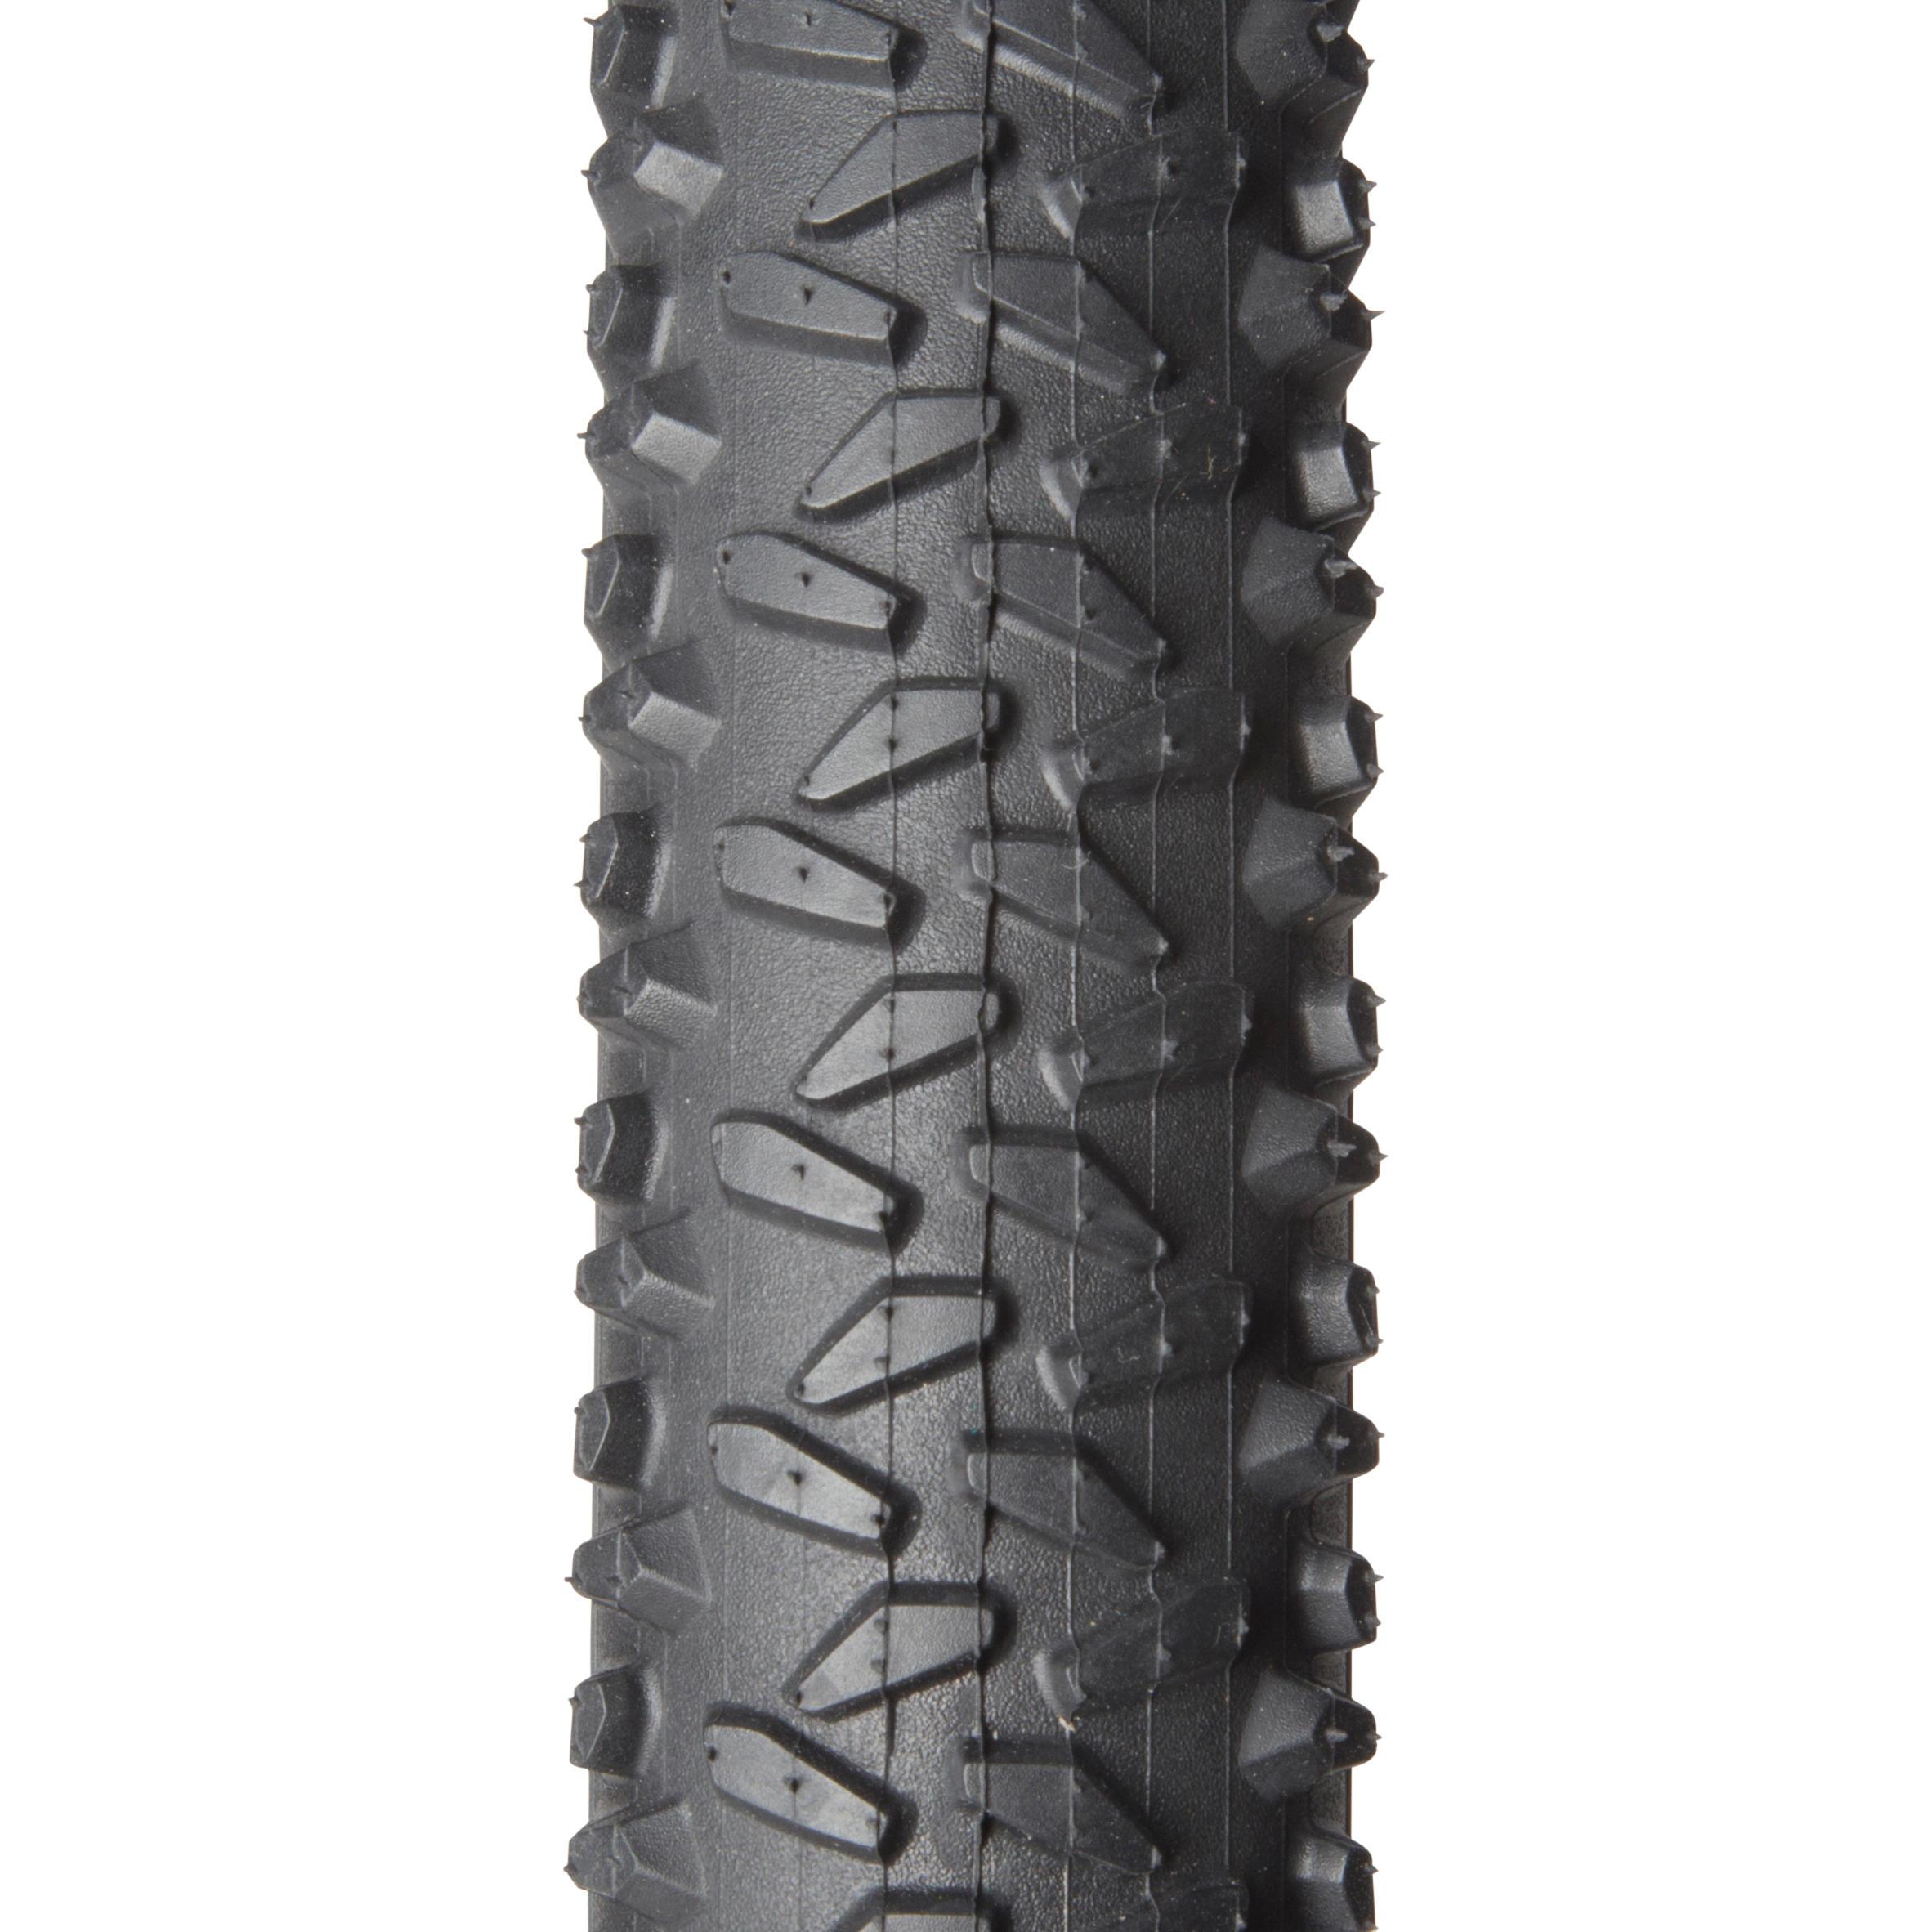 Schwalbe Marathon tyres 26 x 2,0 inch 50-559mm Black Reflex approx 970g 1110014..